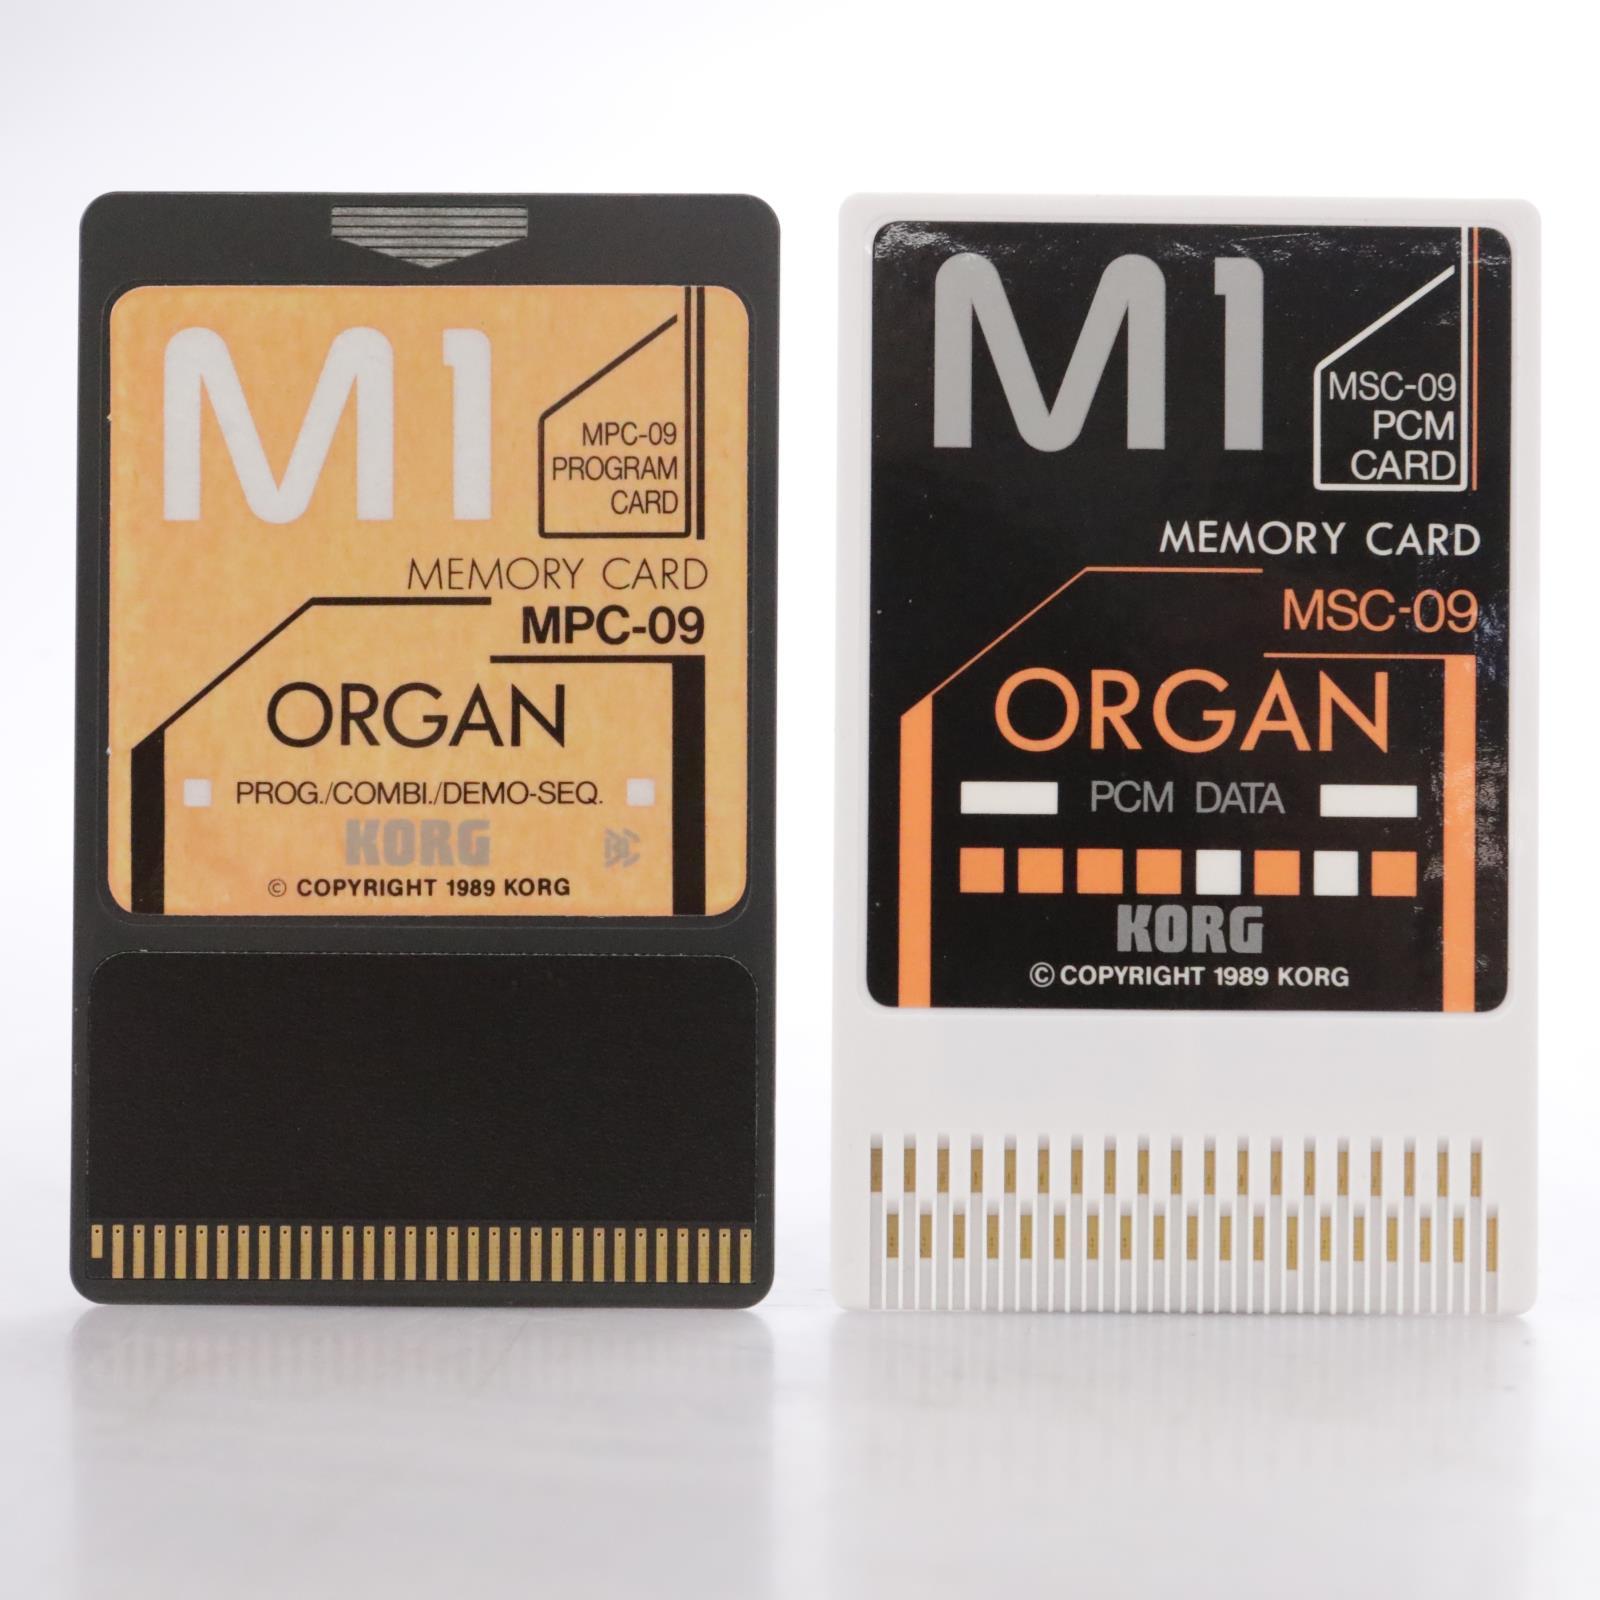 Korg MSC-9S / MSC-09 Organ PCM Data Cards for Korg M1 #44172